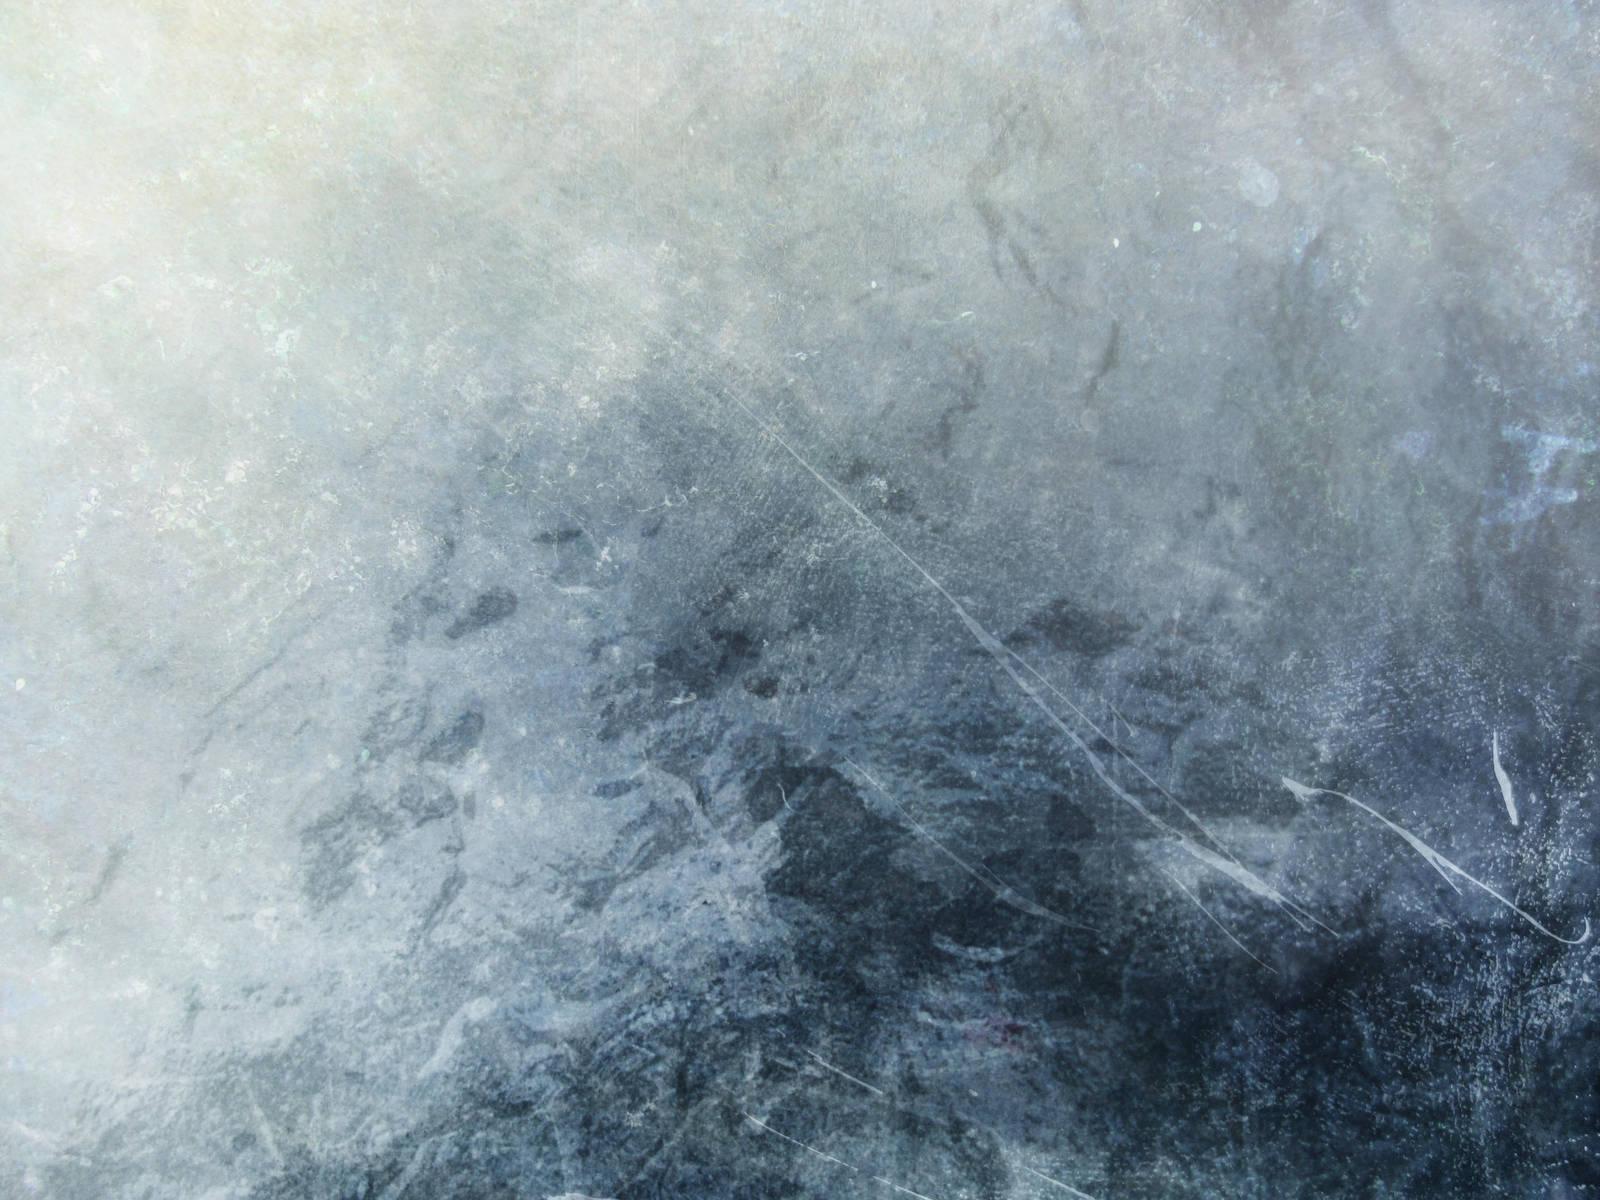 texture 140 by Sirius-sdz